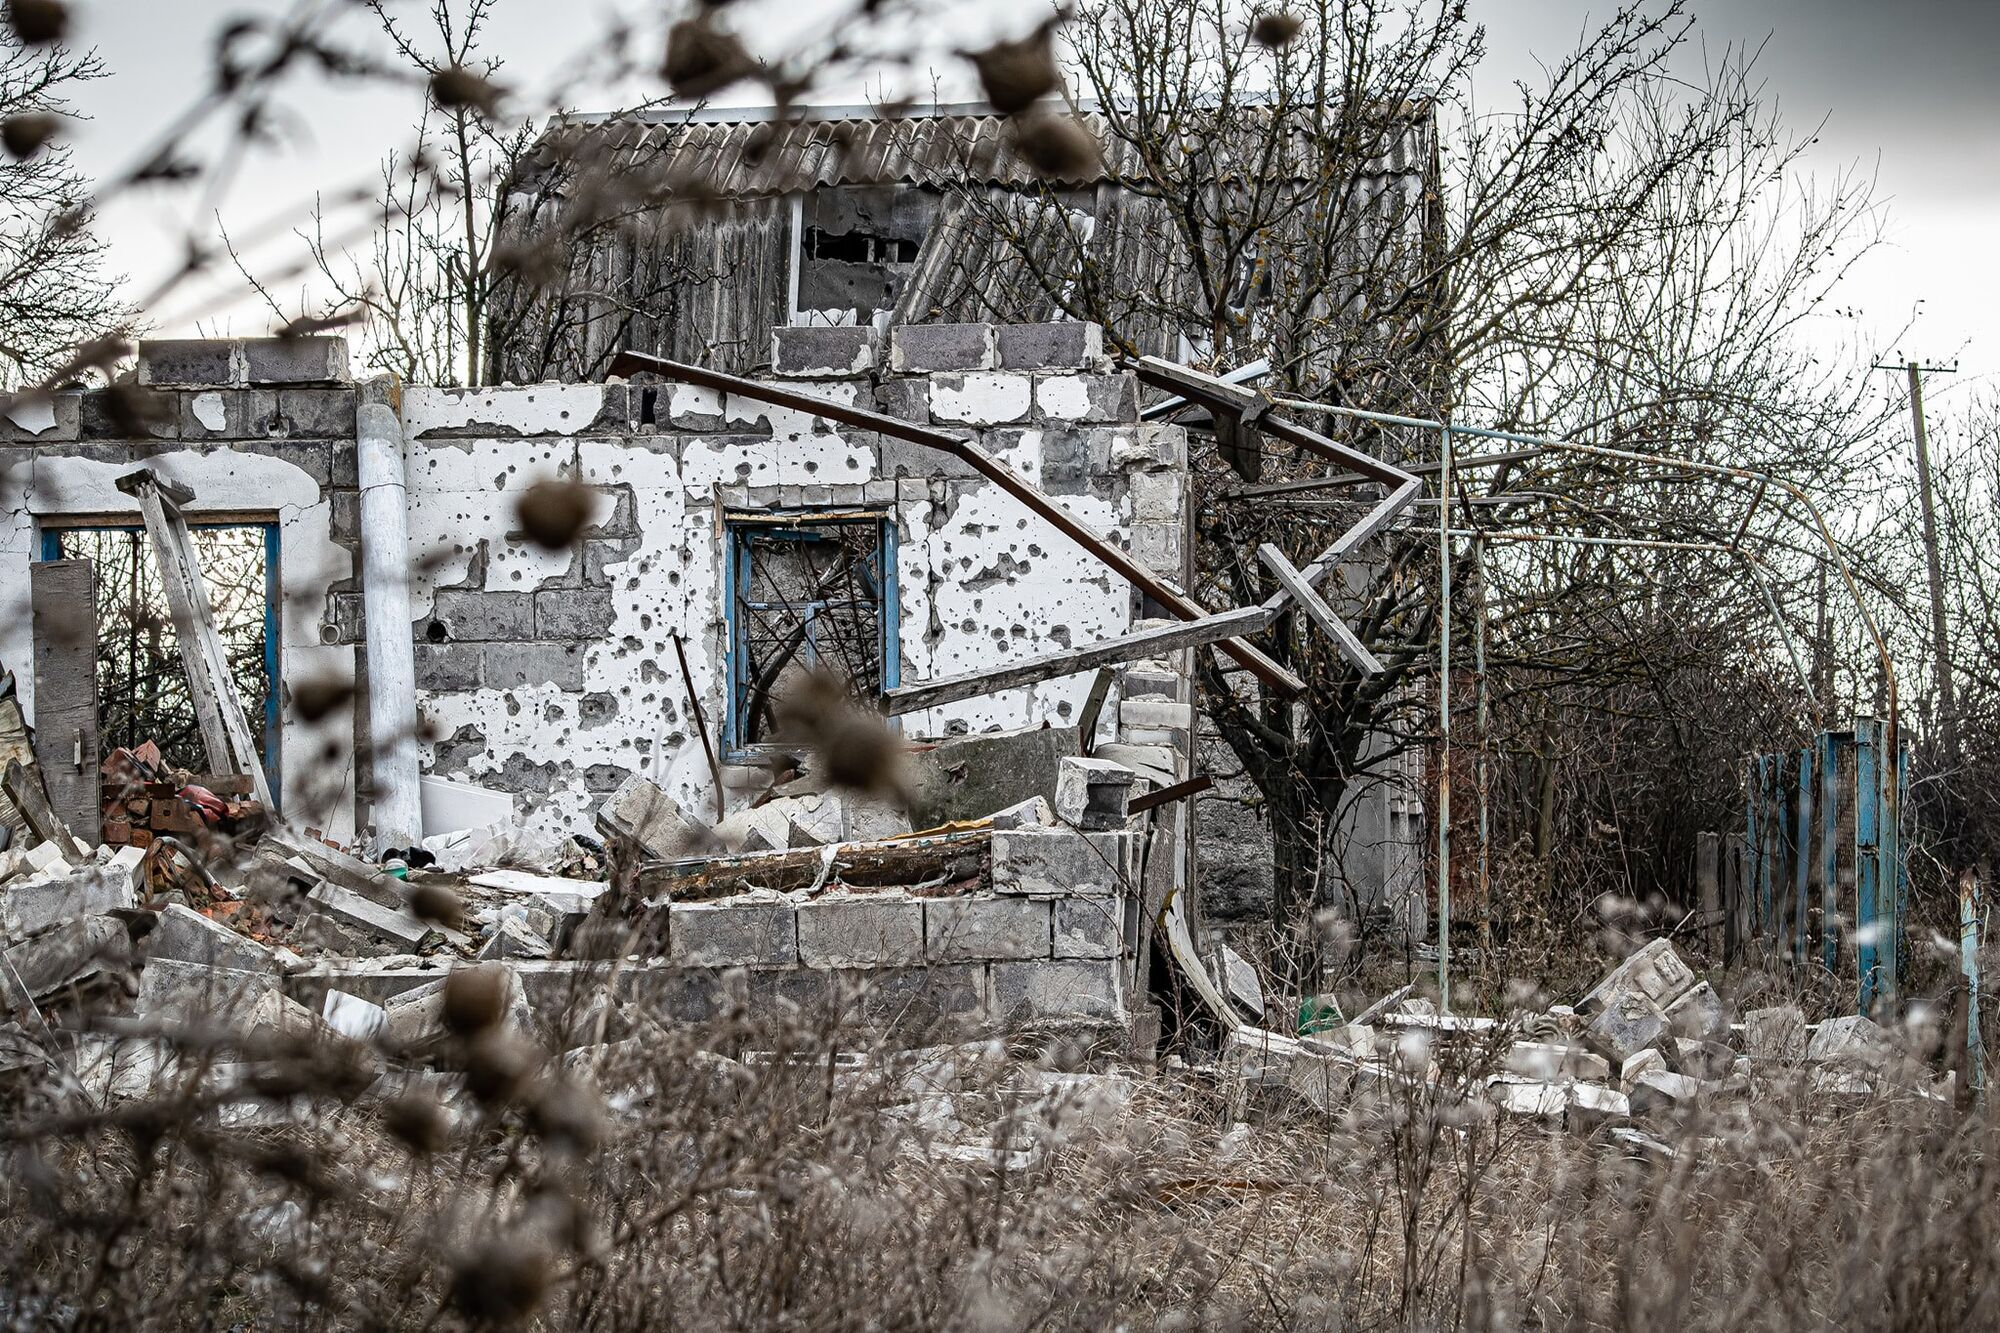 Село Водяне розташоване майже на лінії вогню